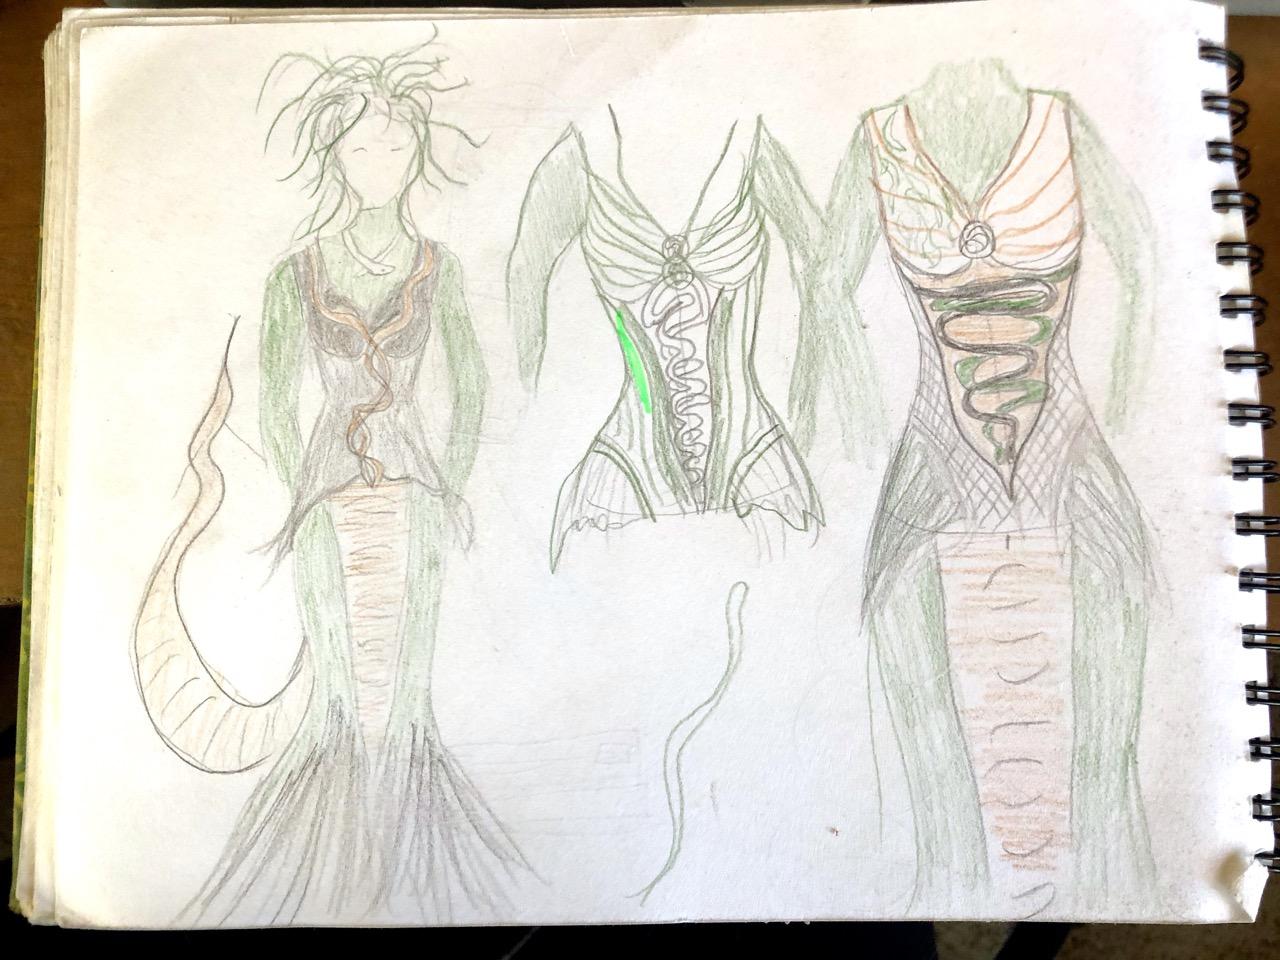 3d_printing_costume_sketch.jpg